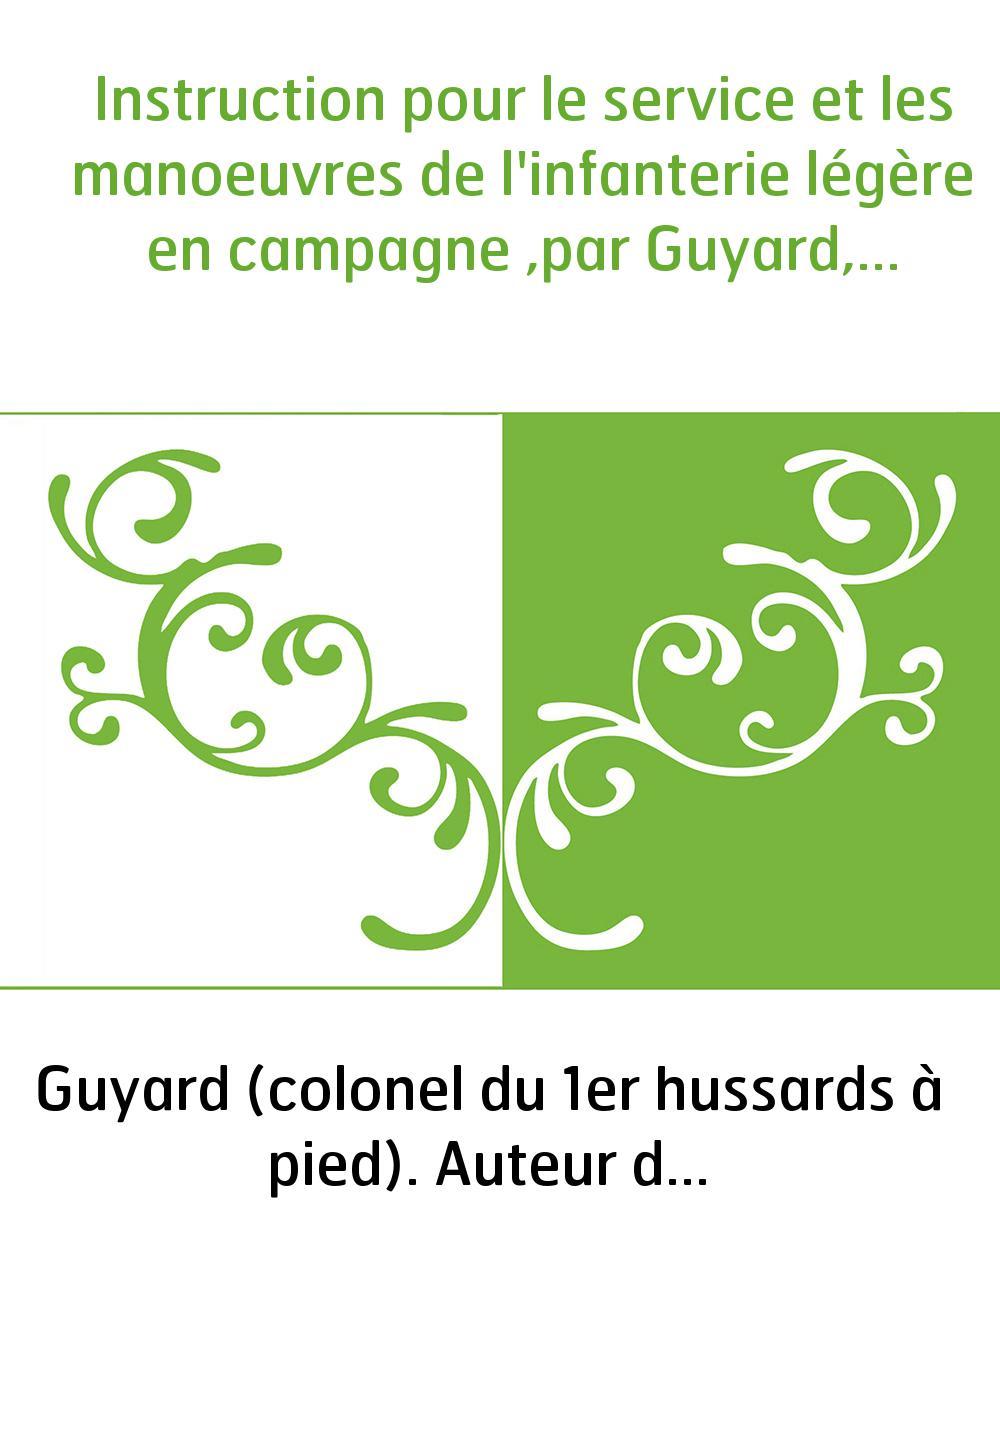 Instruction pour le service et les manoeuvres de l'infanterie légère en campagne ,par Guyard,...